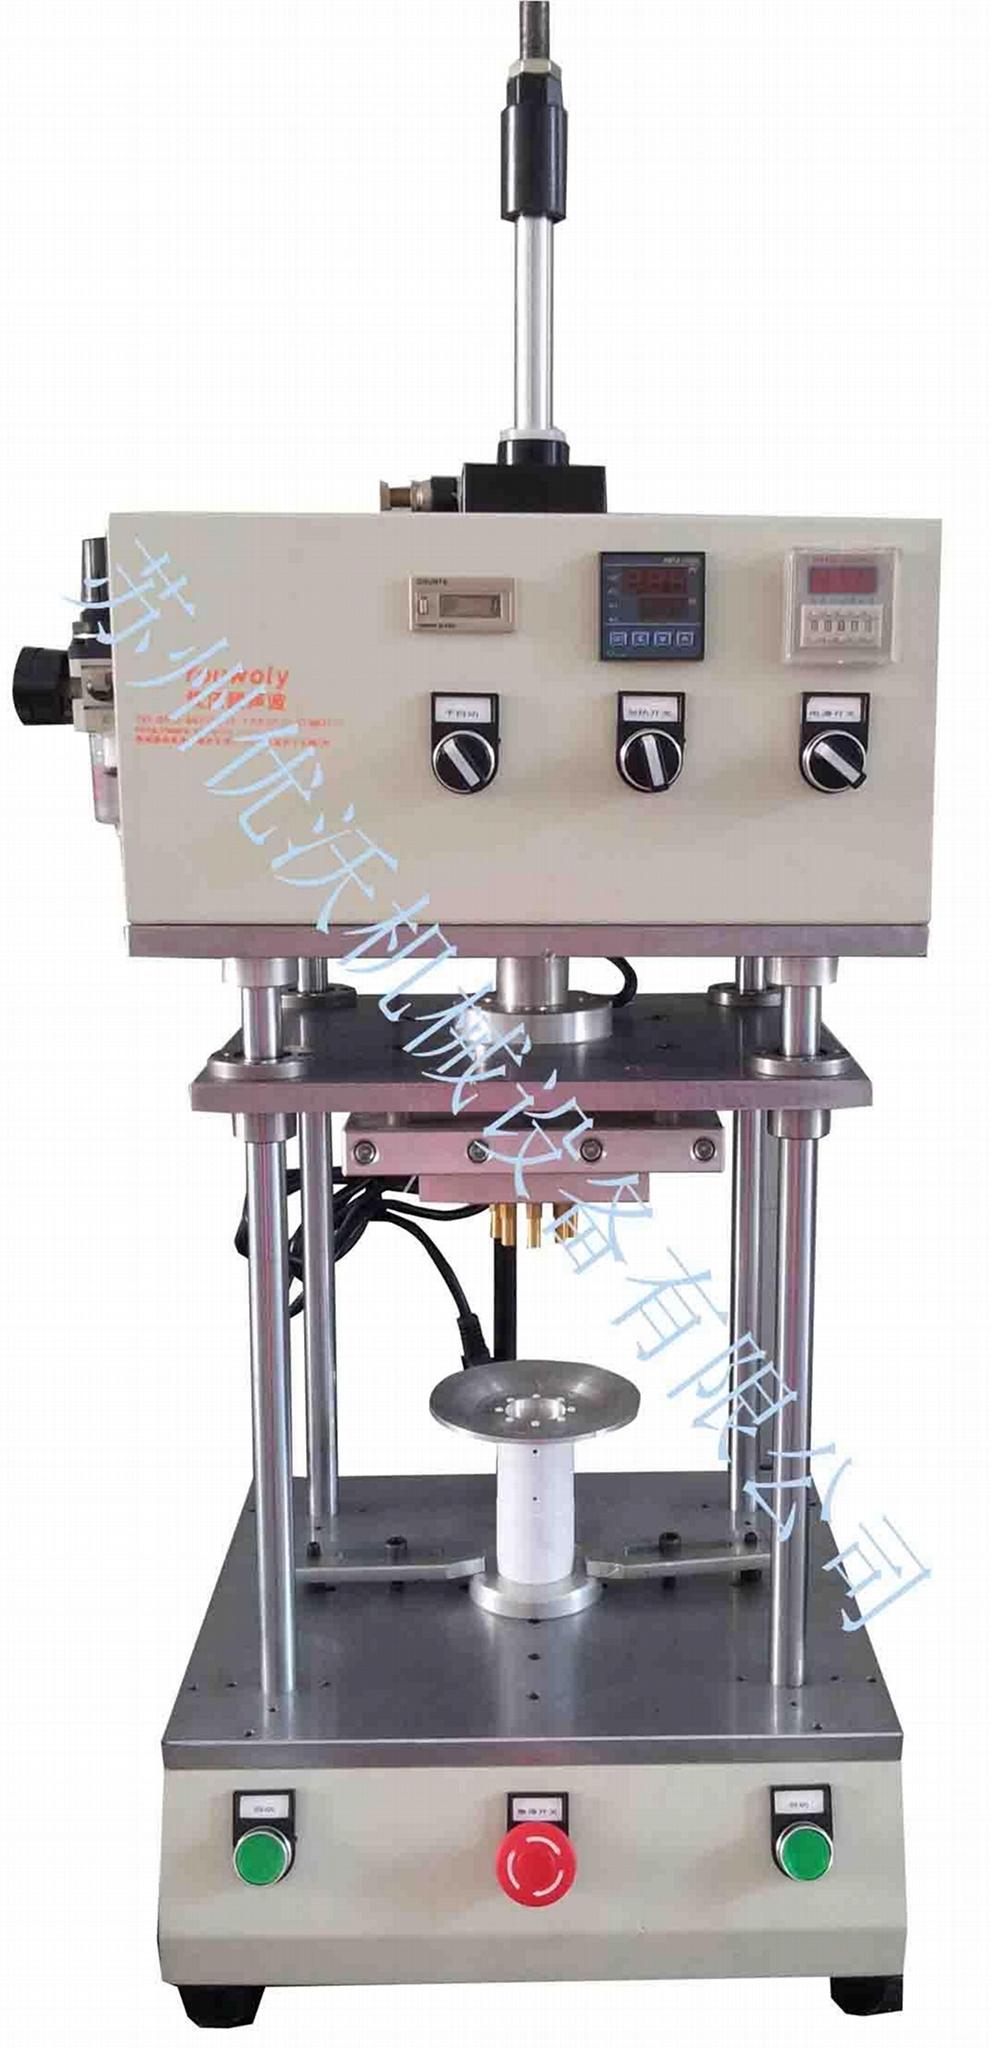 熱熔機塑料焊接設備 1